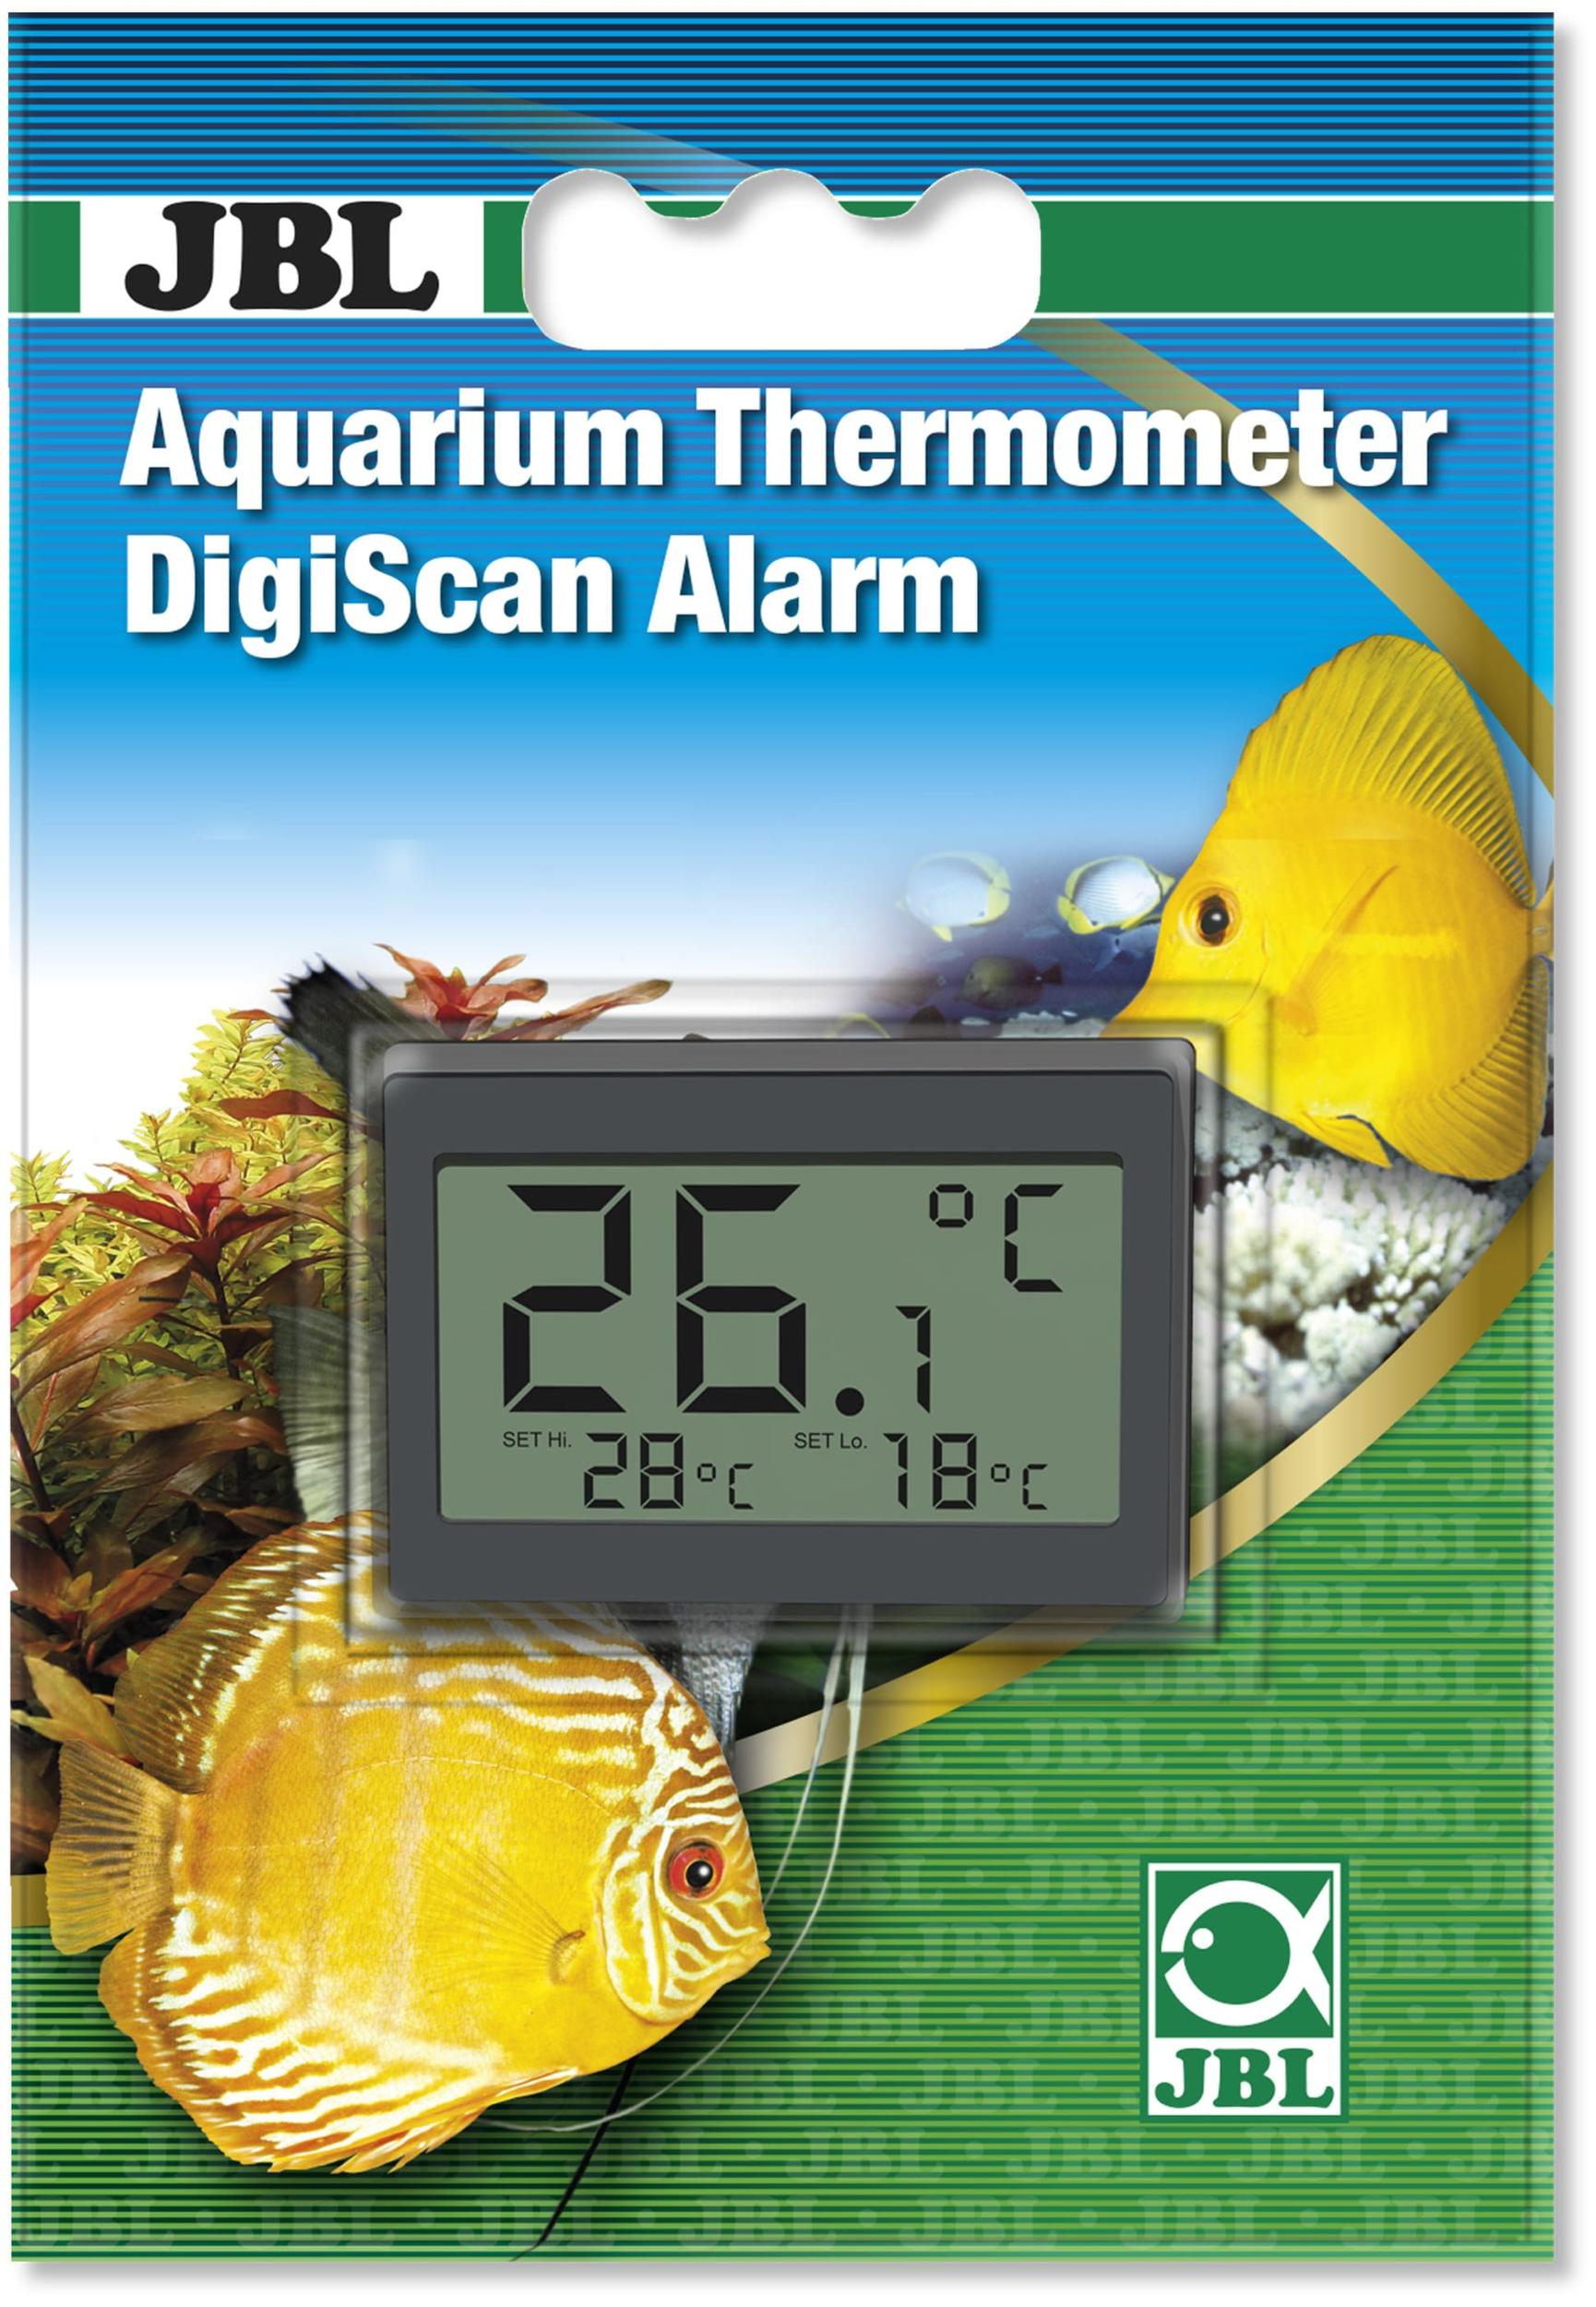 jbl digiscan alarm thermom u00e8tre num u00e9rique avec alarme  u00e0 coller sur la vitre de l u0026 39 aquarium